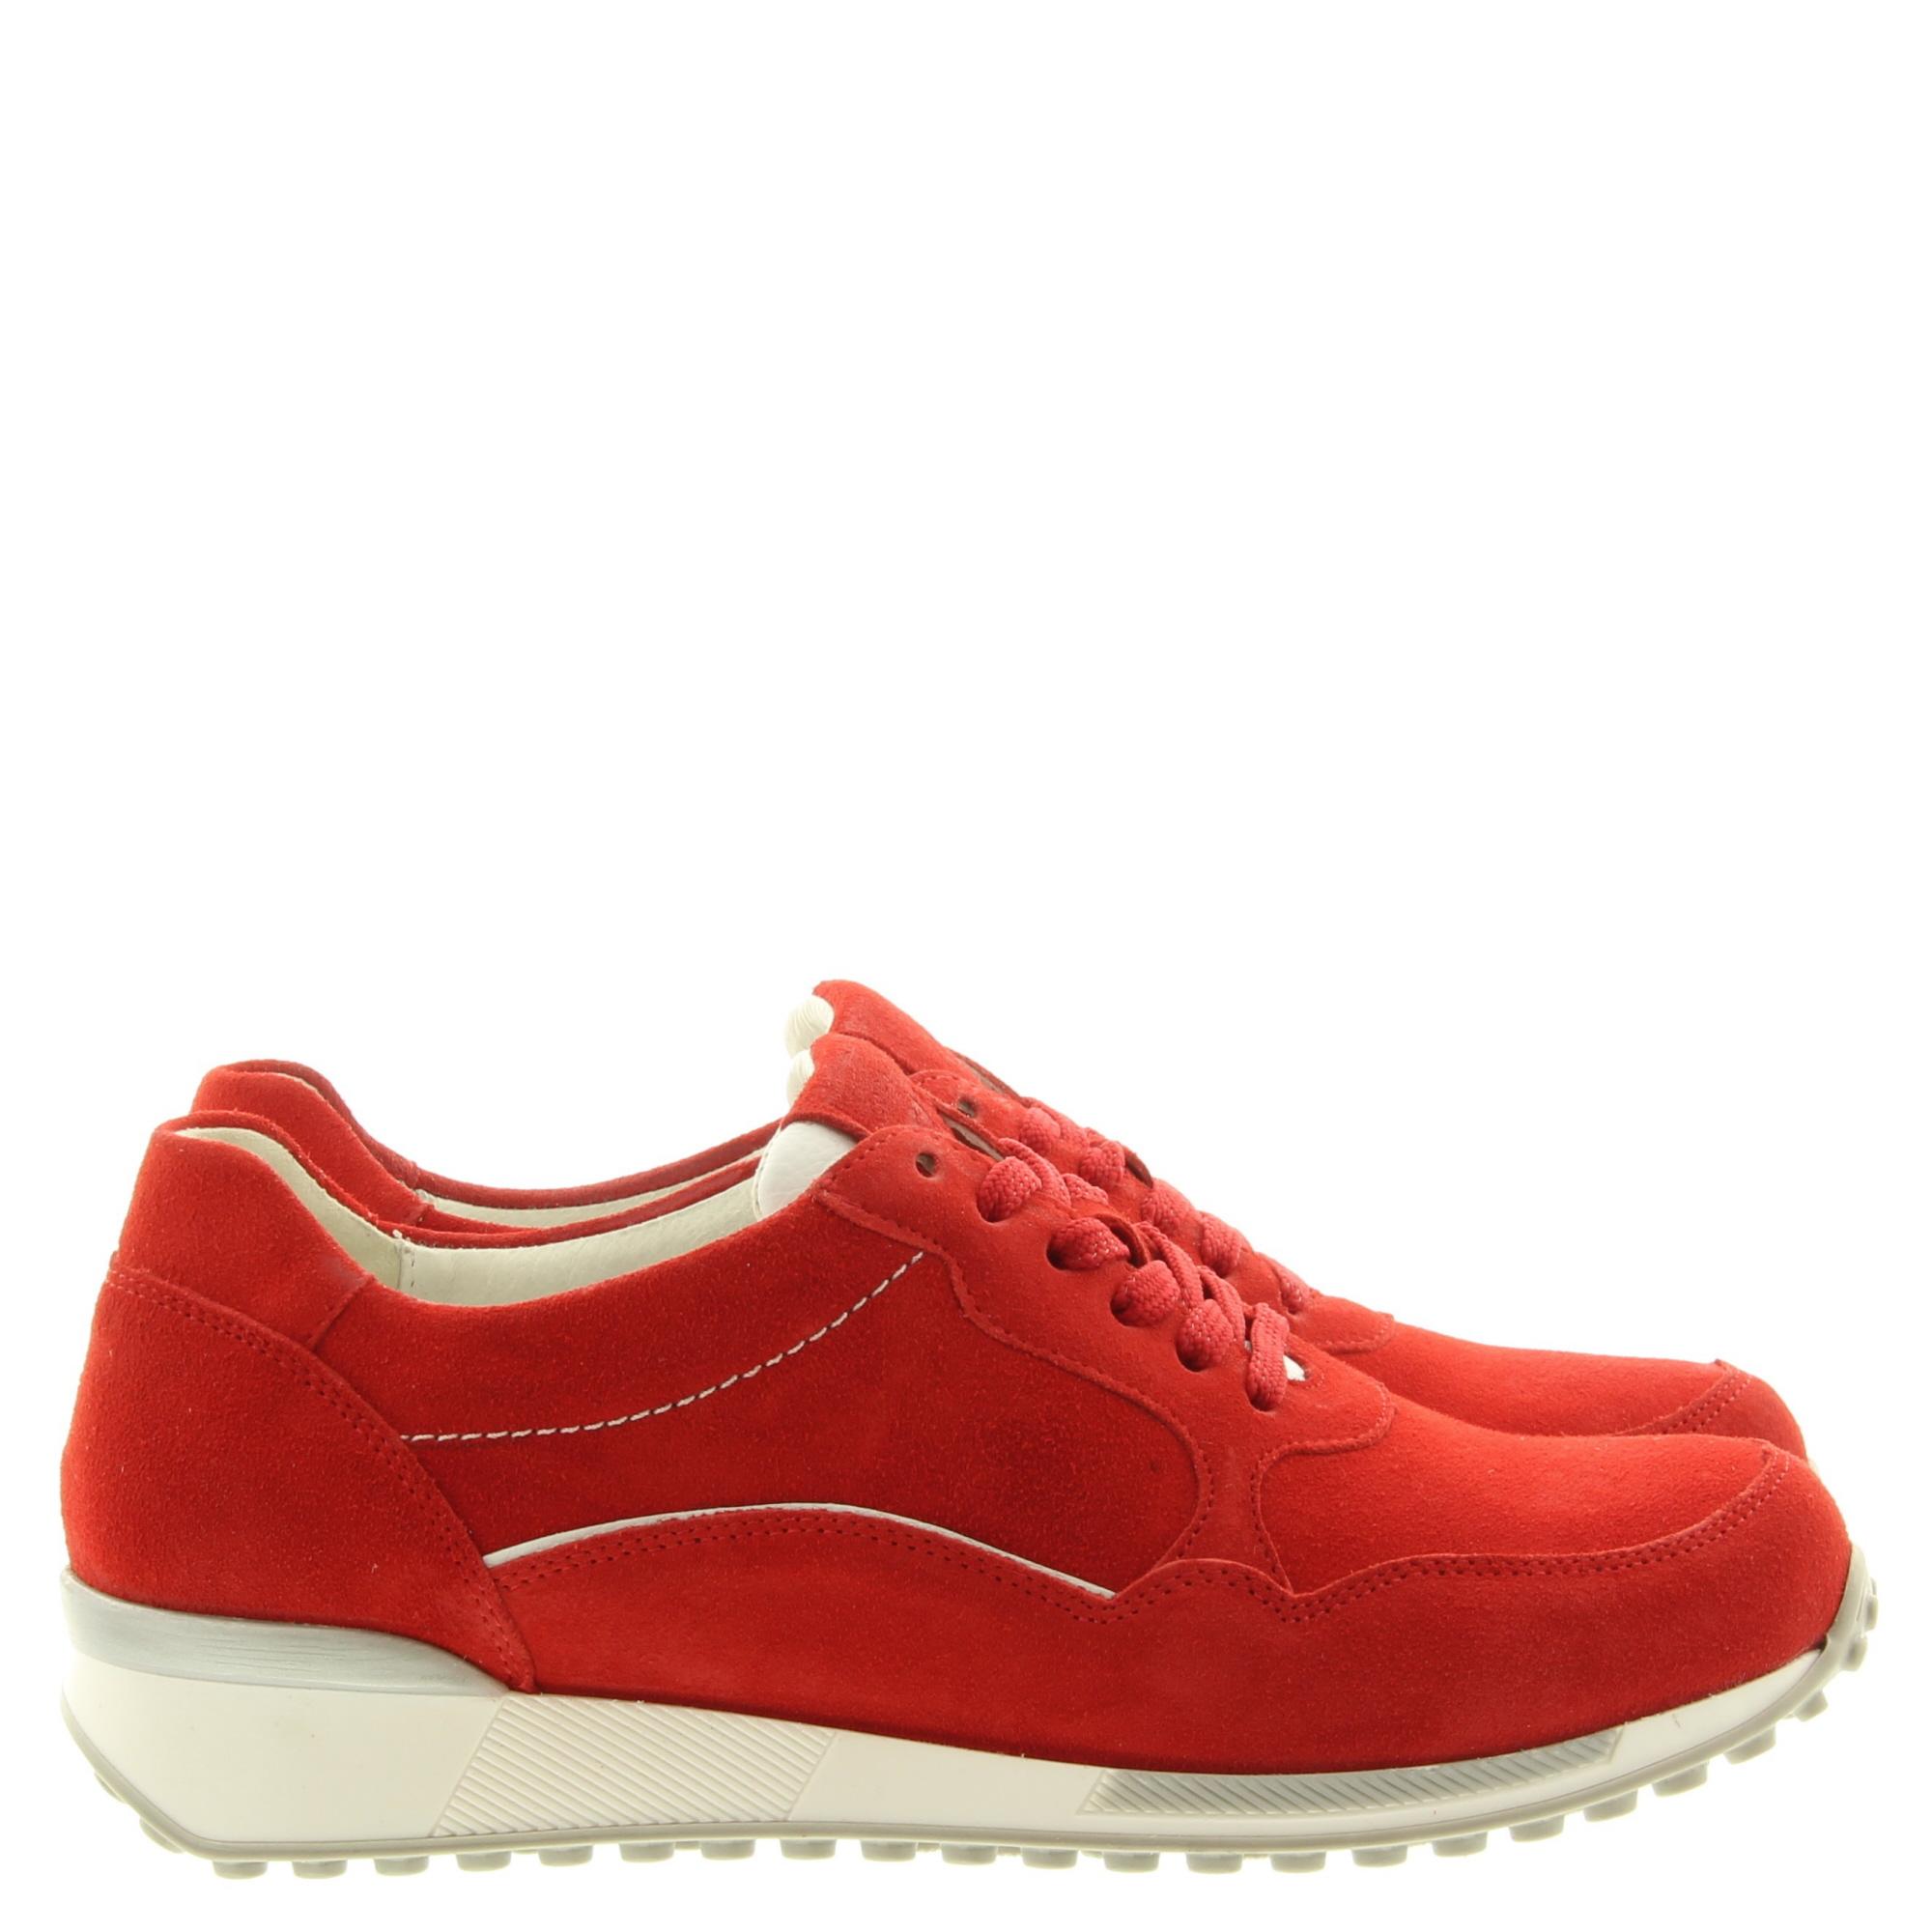 Waldlaufer 776002 H-Jule 201 938 Rot Weiss